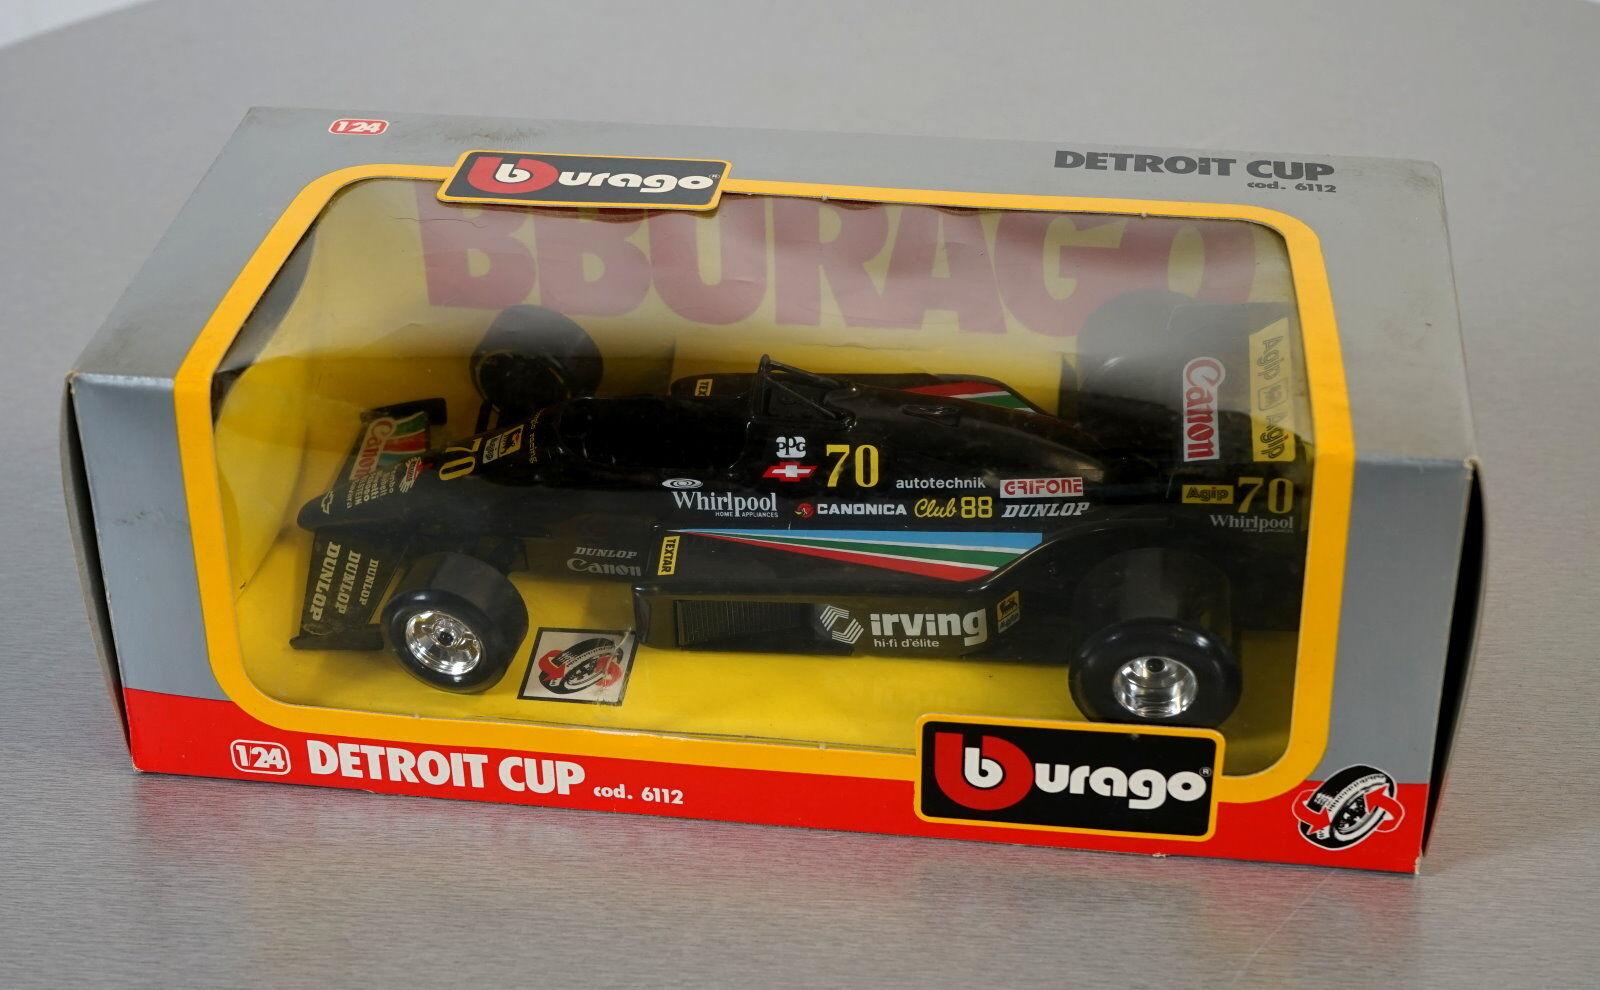 Burago 1 24 Detroit Cup - 6112-les-Cast Racing Car Scale Modèle Voiture Neuf dans sa boîte